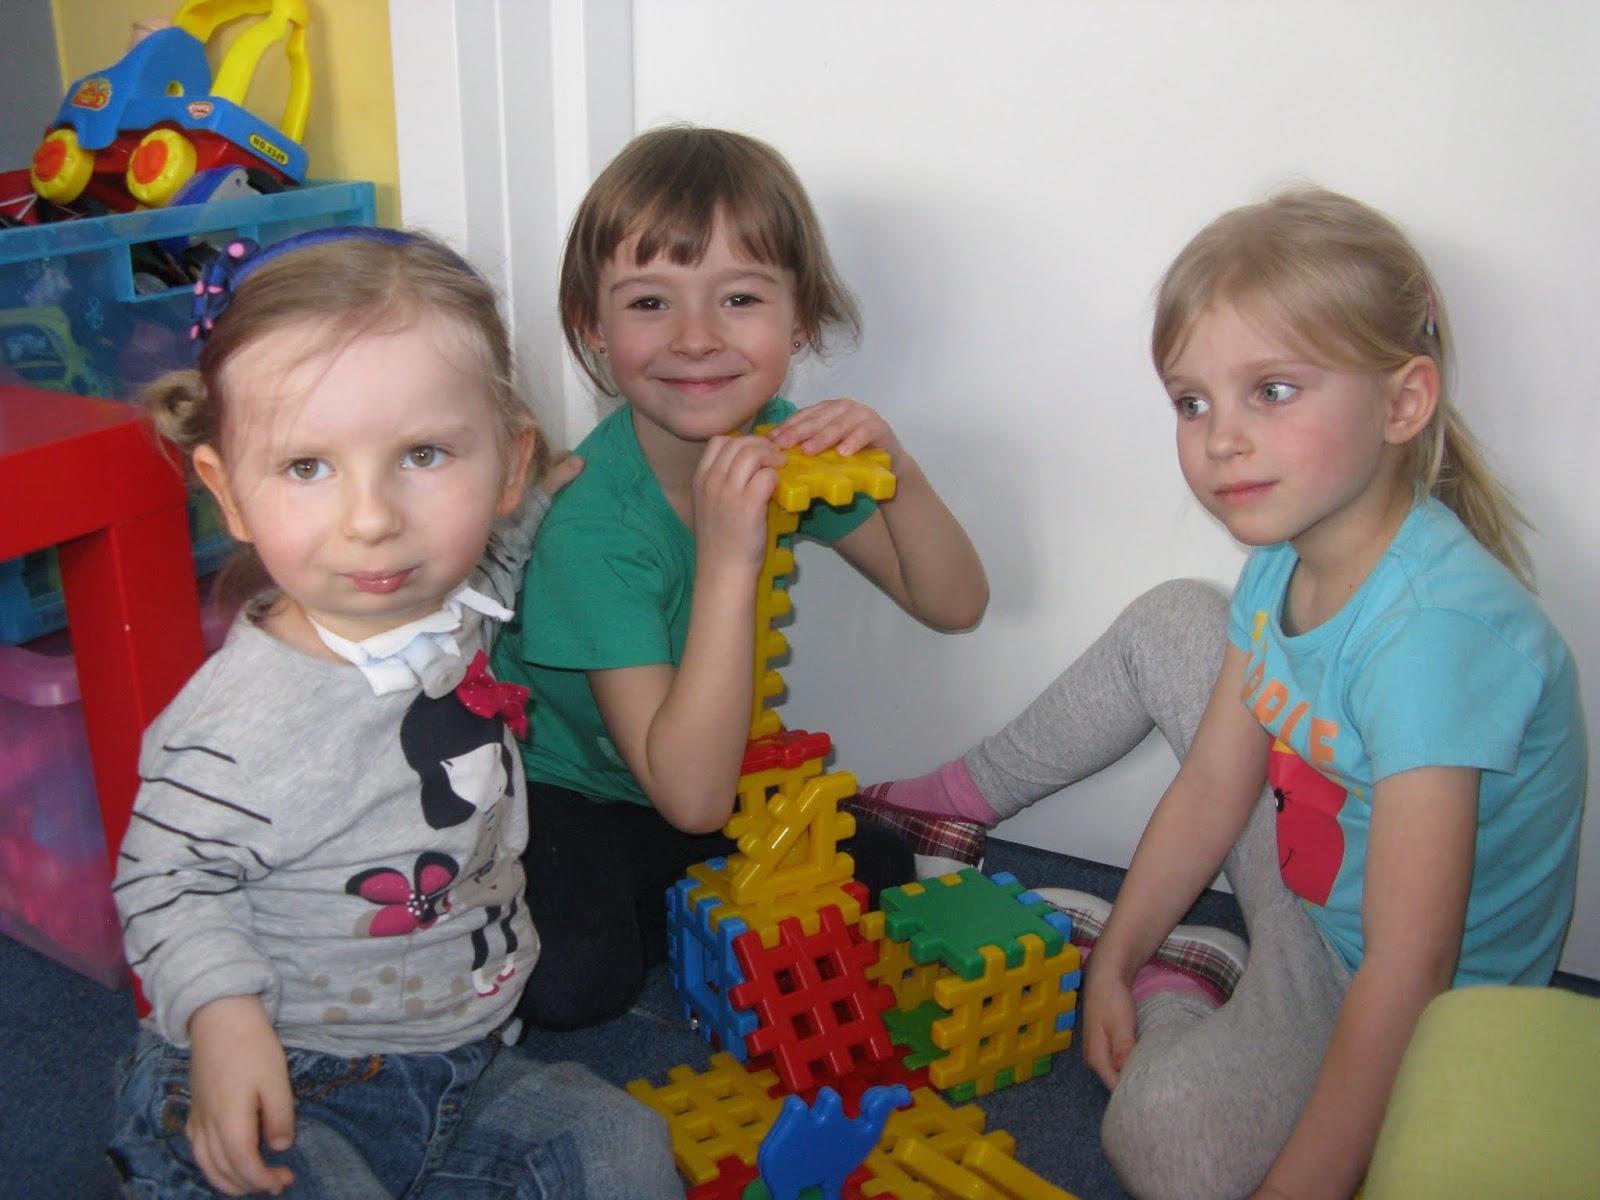 Nasz pacjentka Gabrysia wspólnie z rodzicami była specjalnym gościem Przedszkola Perełkowo w Wieliczce, z którym MHD wspólpracuje już od kilku lat.